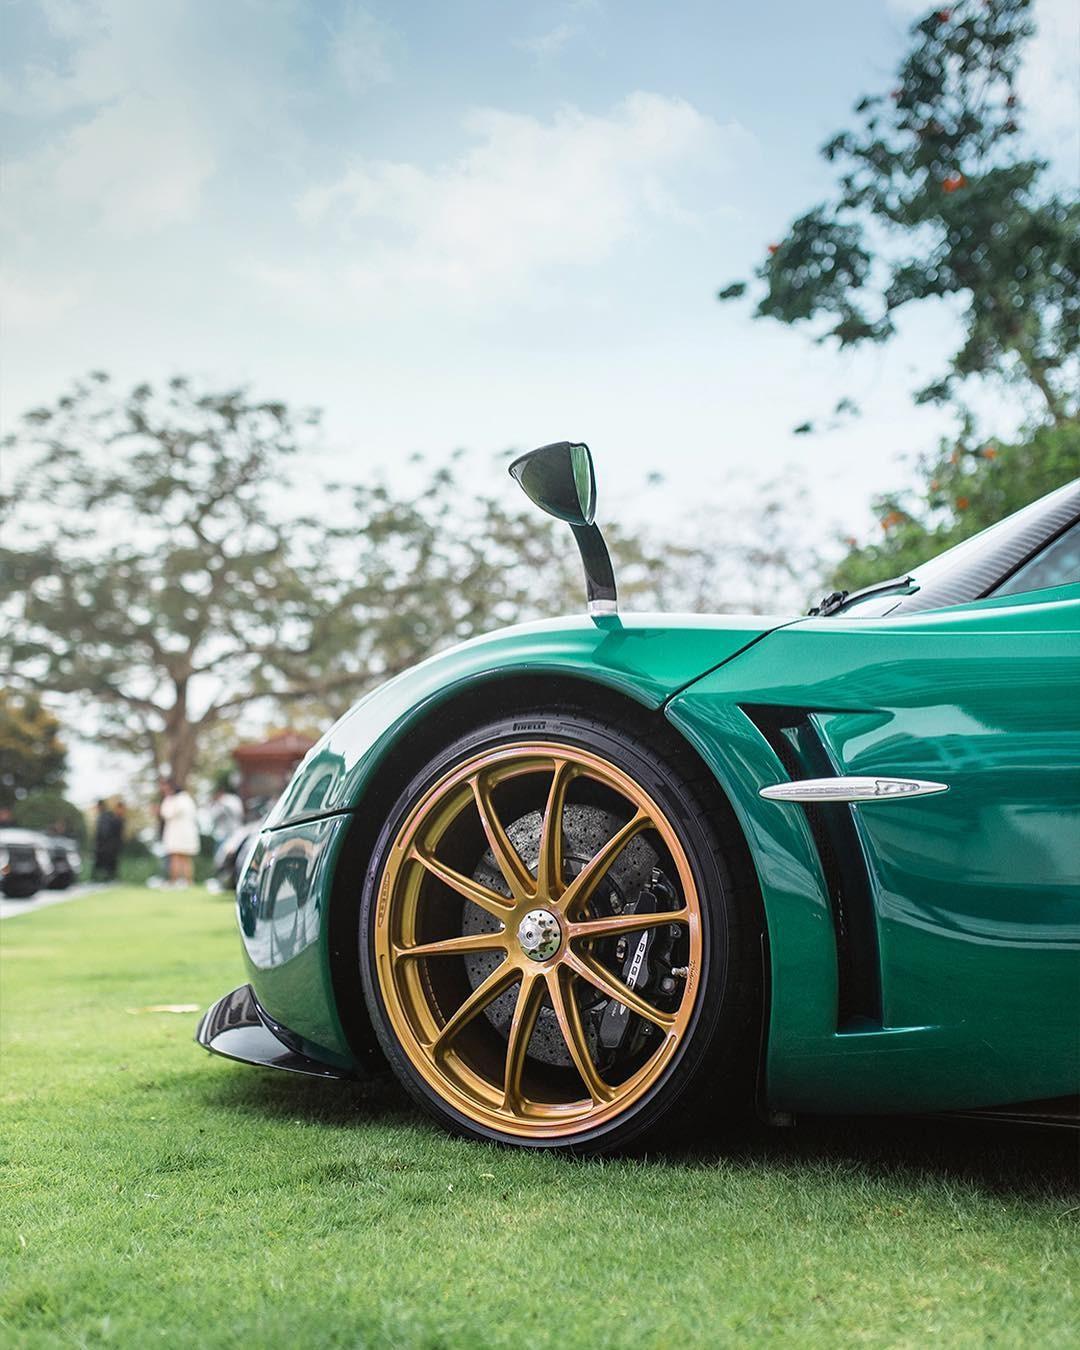 Không chỉ có bộ áo rất đẹp, chiếc Pagani Huayra Coupe này còn đi kèm gói độ chính hãng Pacchetto Tempesta hơn 4 tỷ đồng